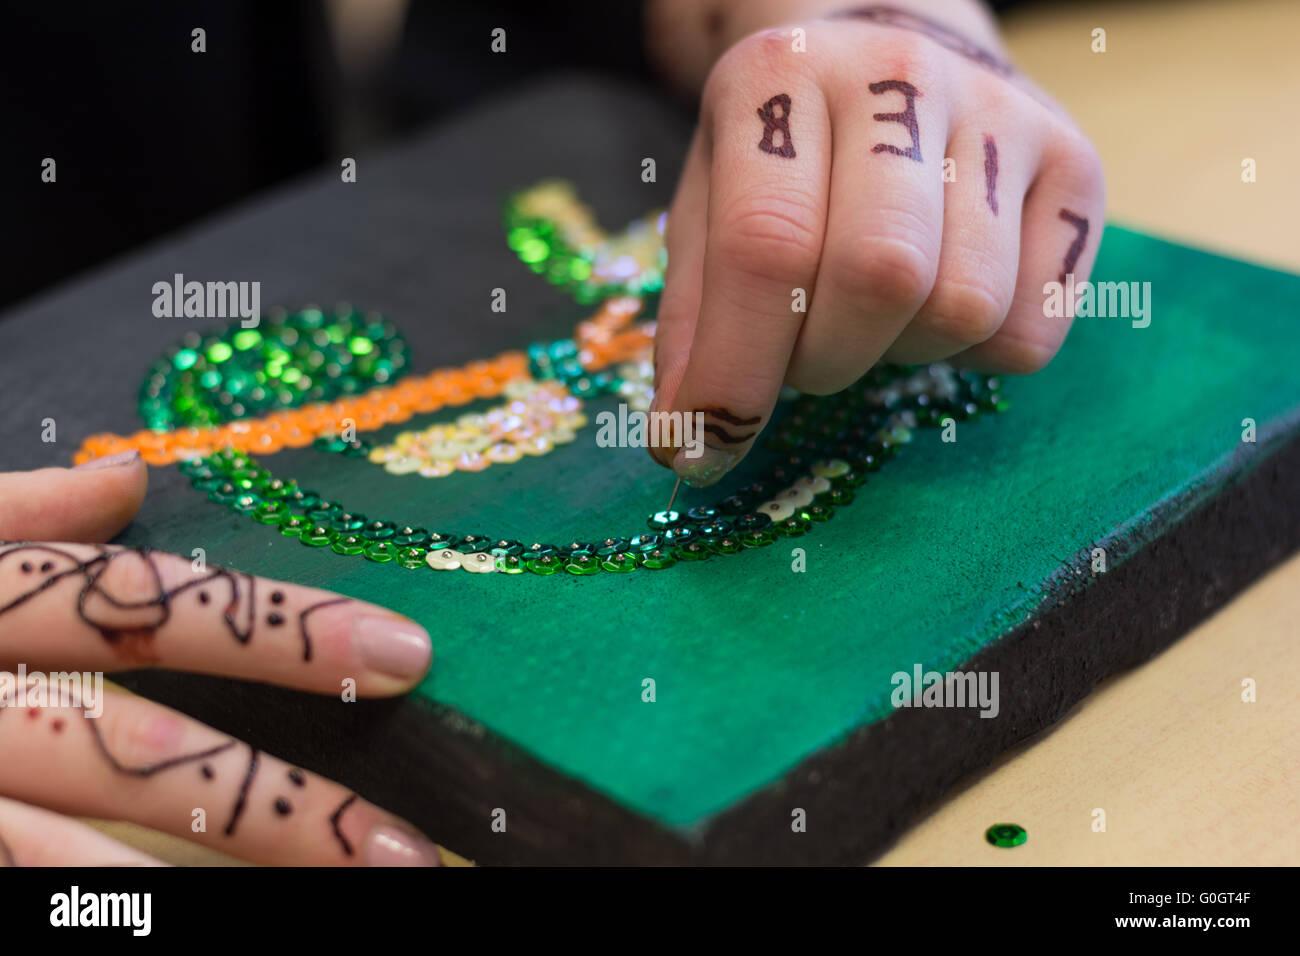 Persona progettato in un workshop creativo, un mosaico immagine - primo piano Immagini Stock